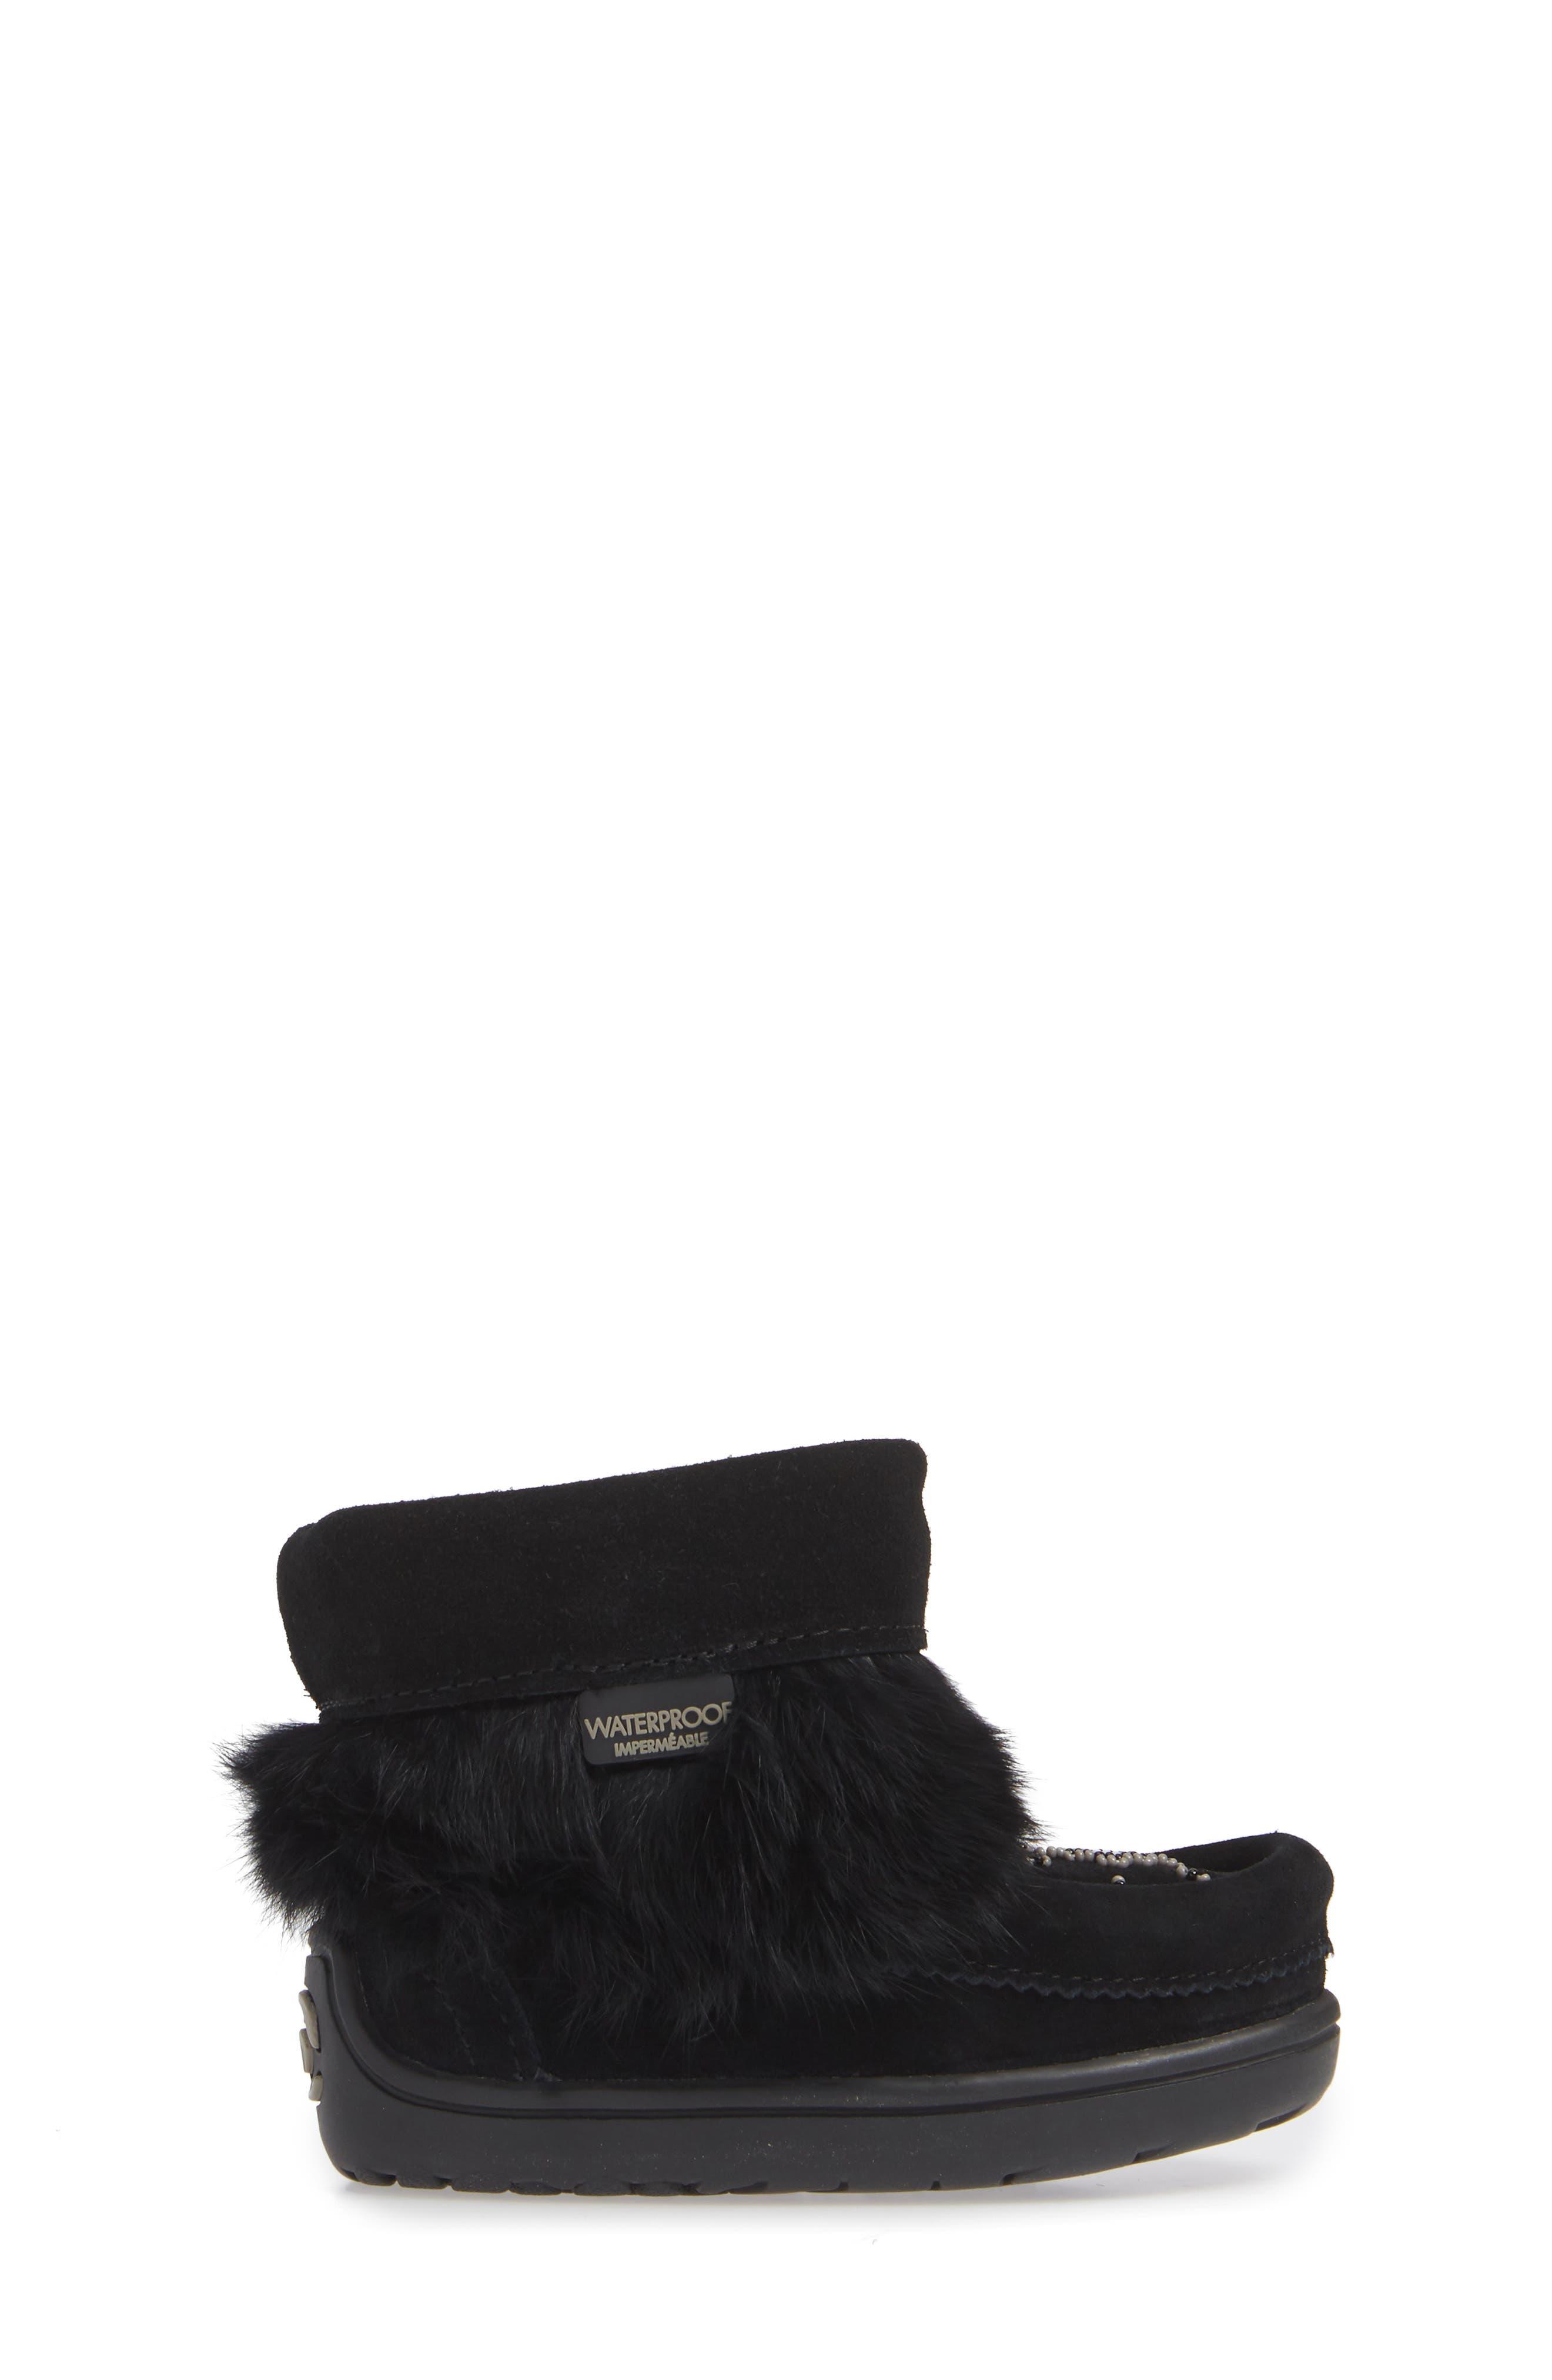 Snowy Owlet Genuine Fur Waterproof Boot,                             Alternate thumbnail 3, color,                             BLACK